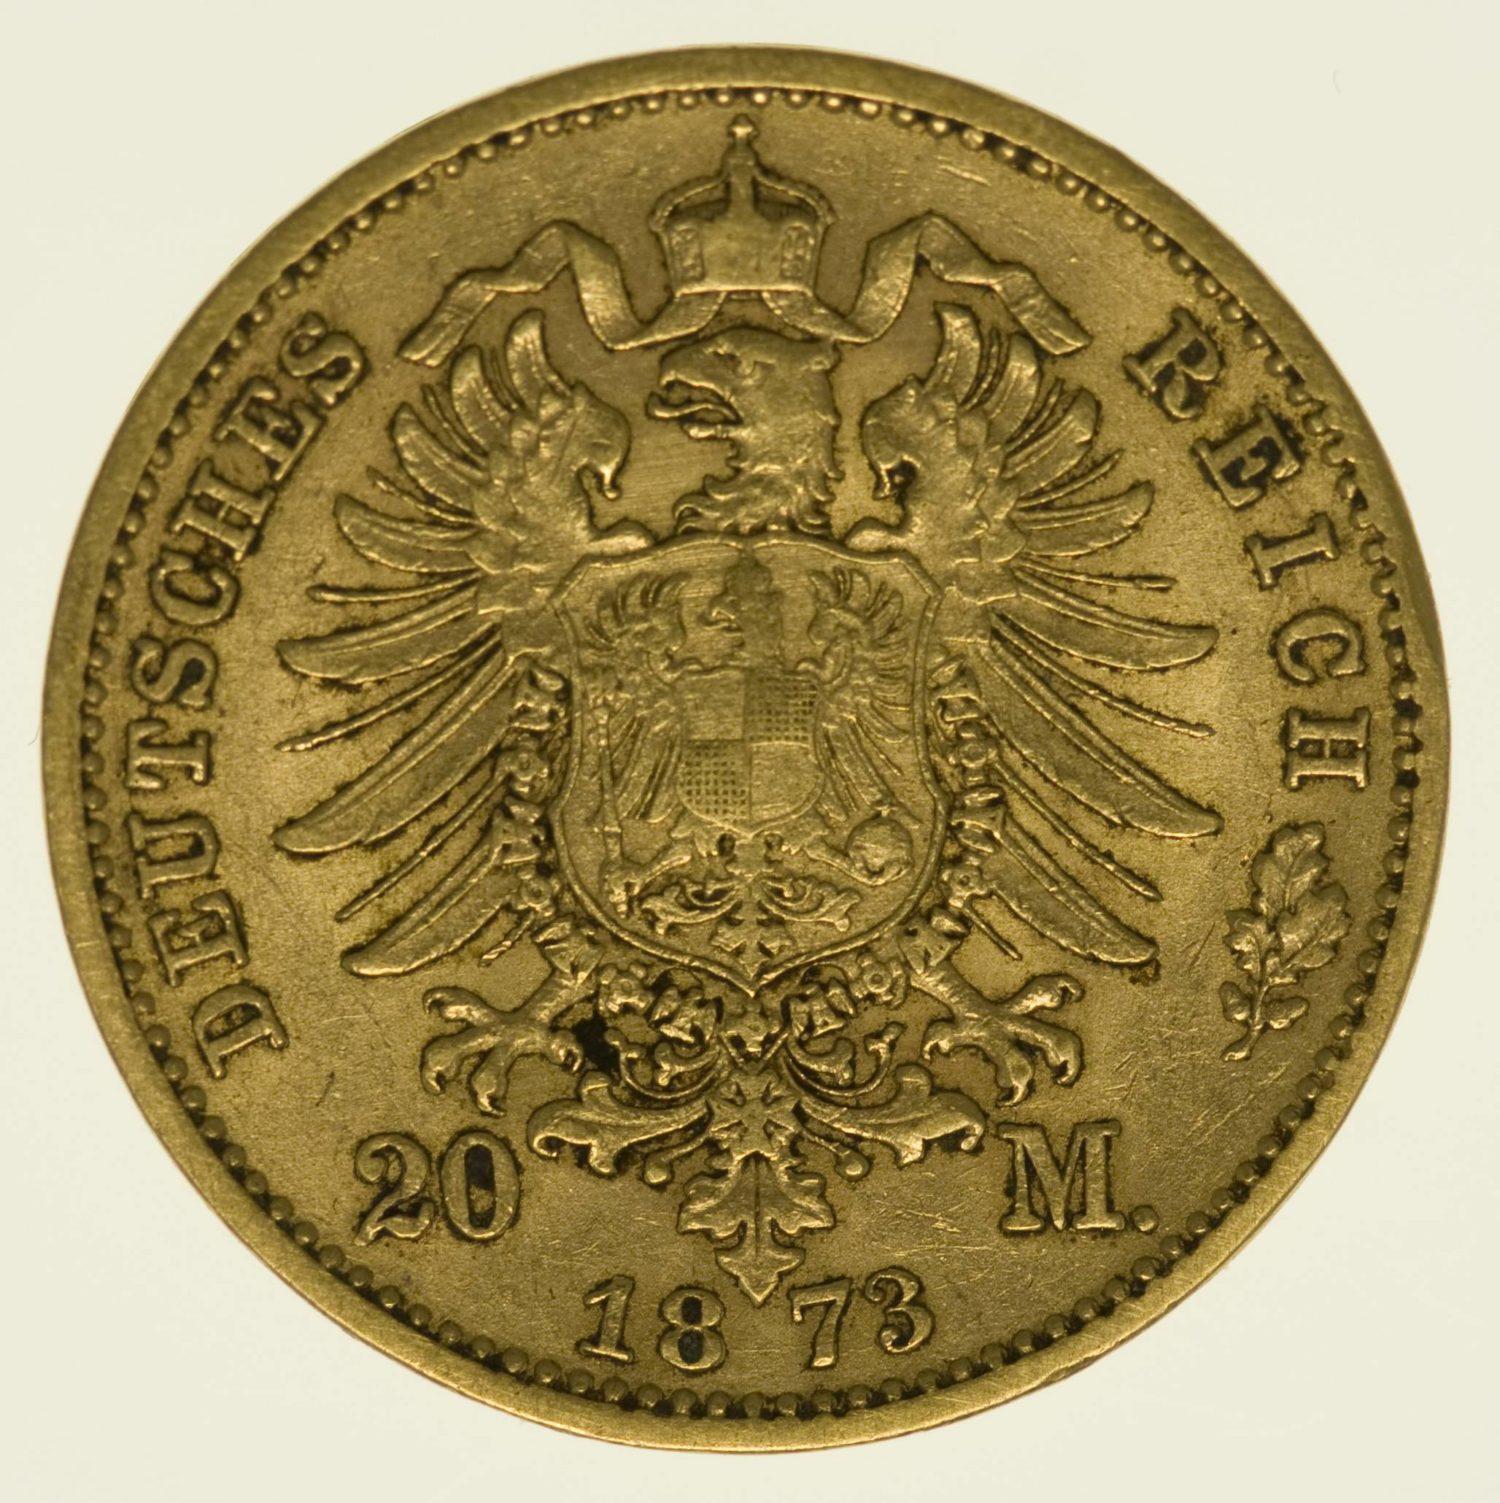 Sachsen Johann 20 Mark 1873 Gold 7,16 Gramm fein RAR